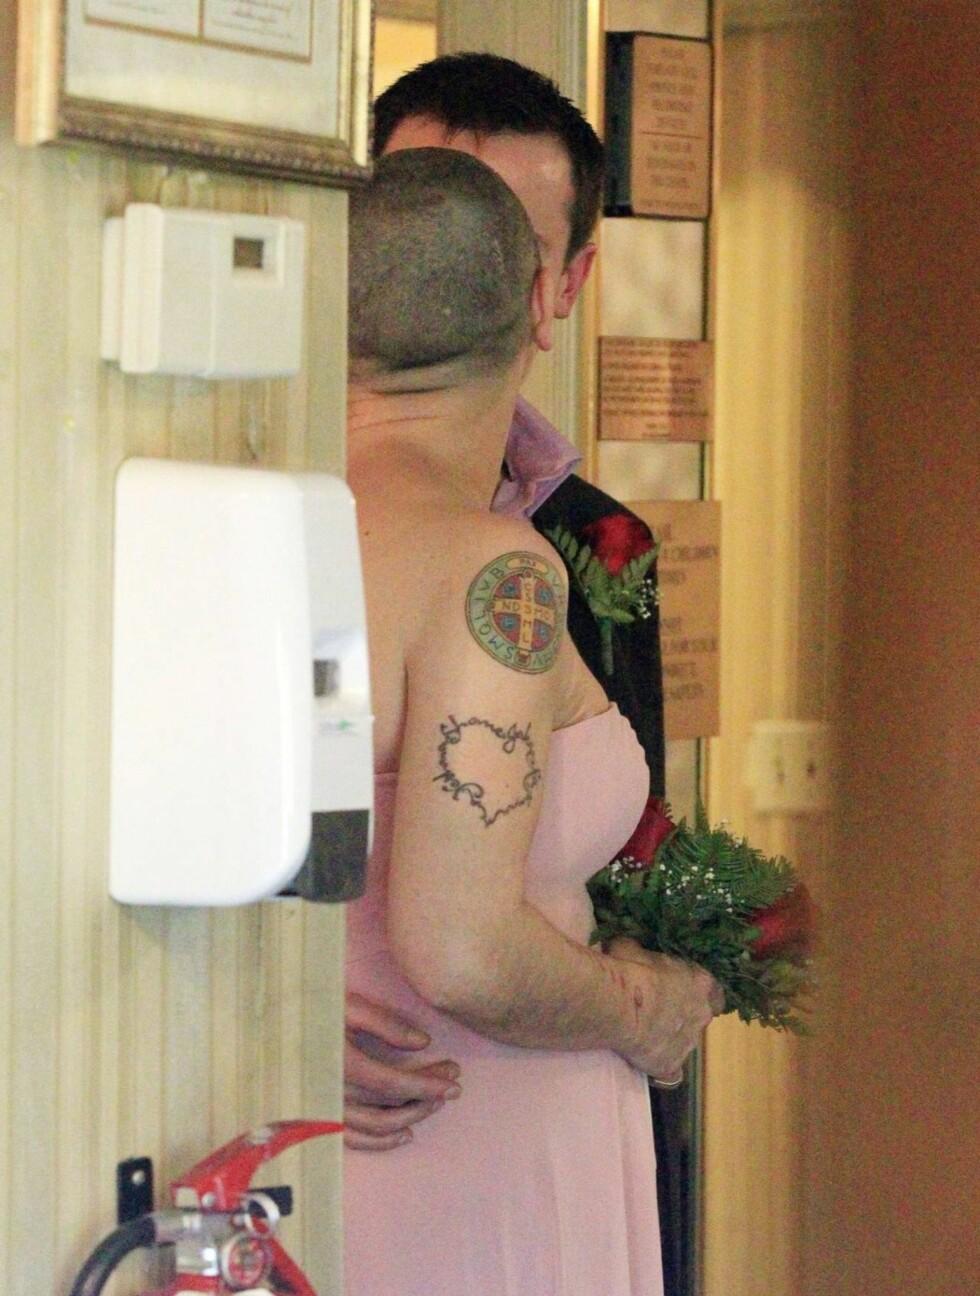 ROSA KVELD: Det gikk i rosa under det storslagne Las Vegas-bryllupet. Foto: All Over Press